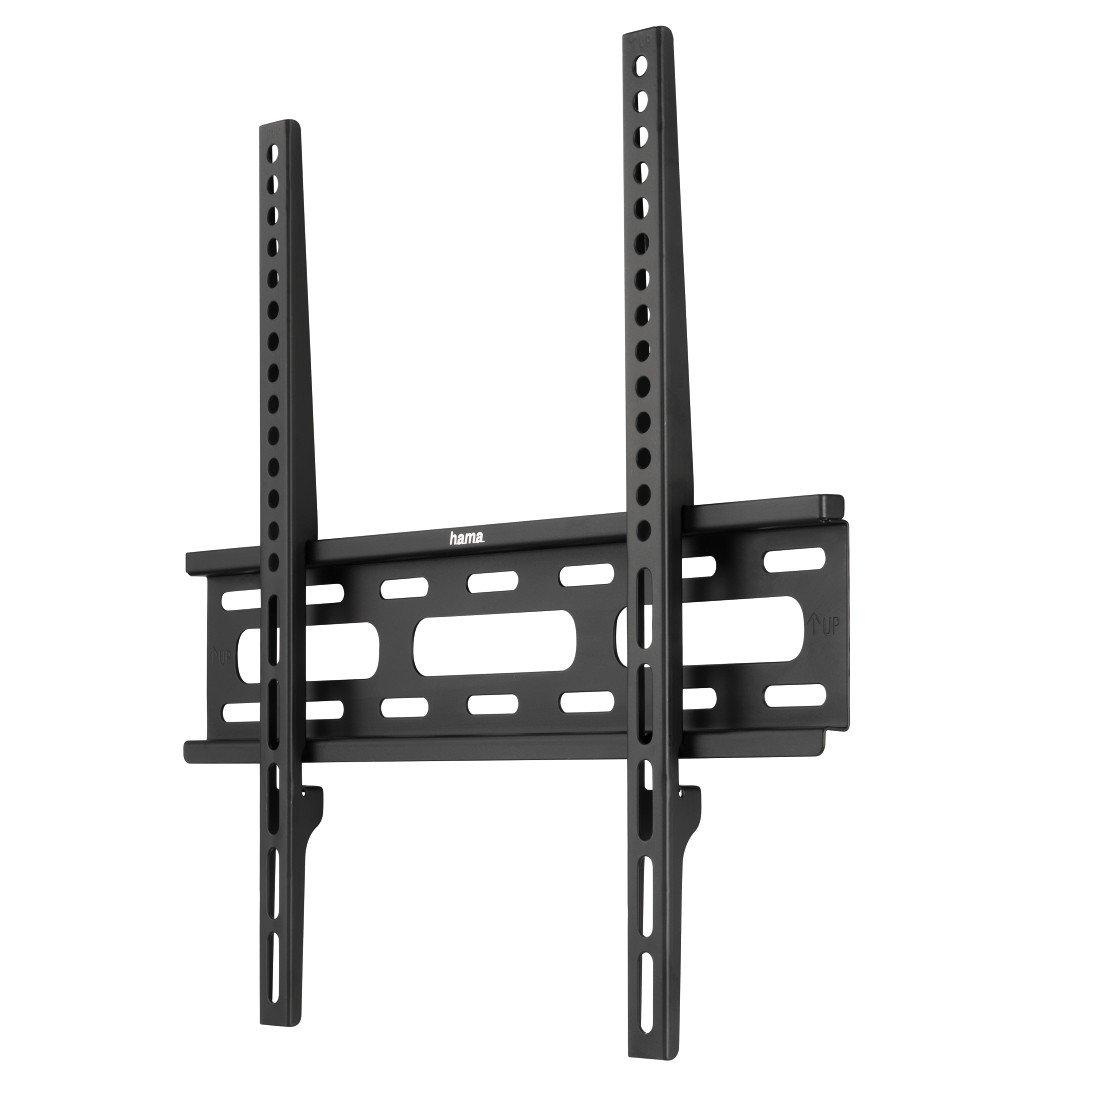 Hama 108770 - Soporte para televisores de plasma, color negro ...